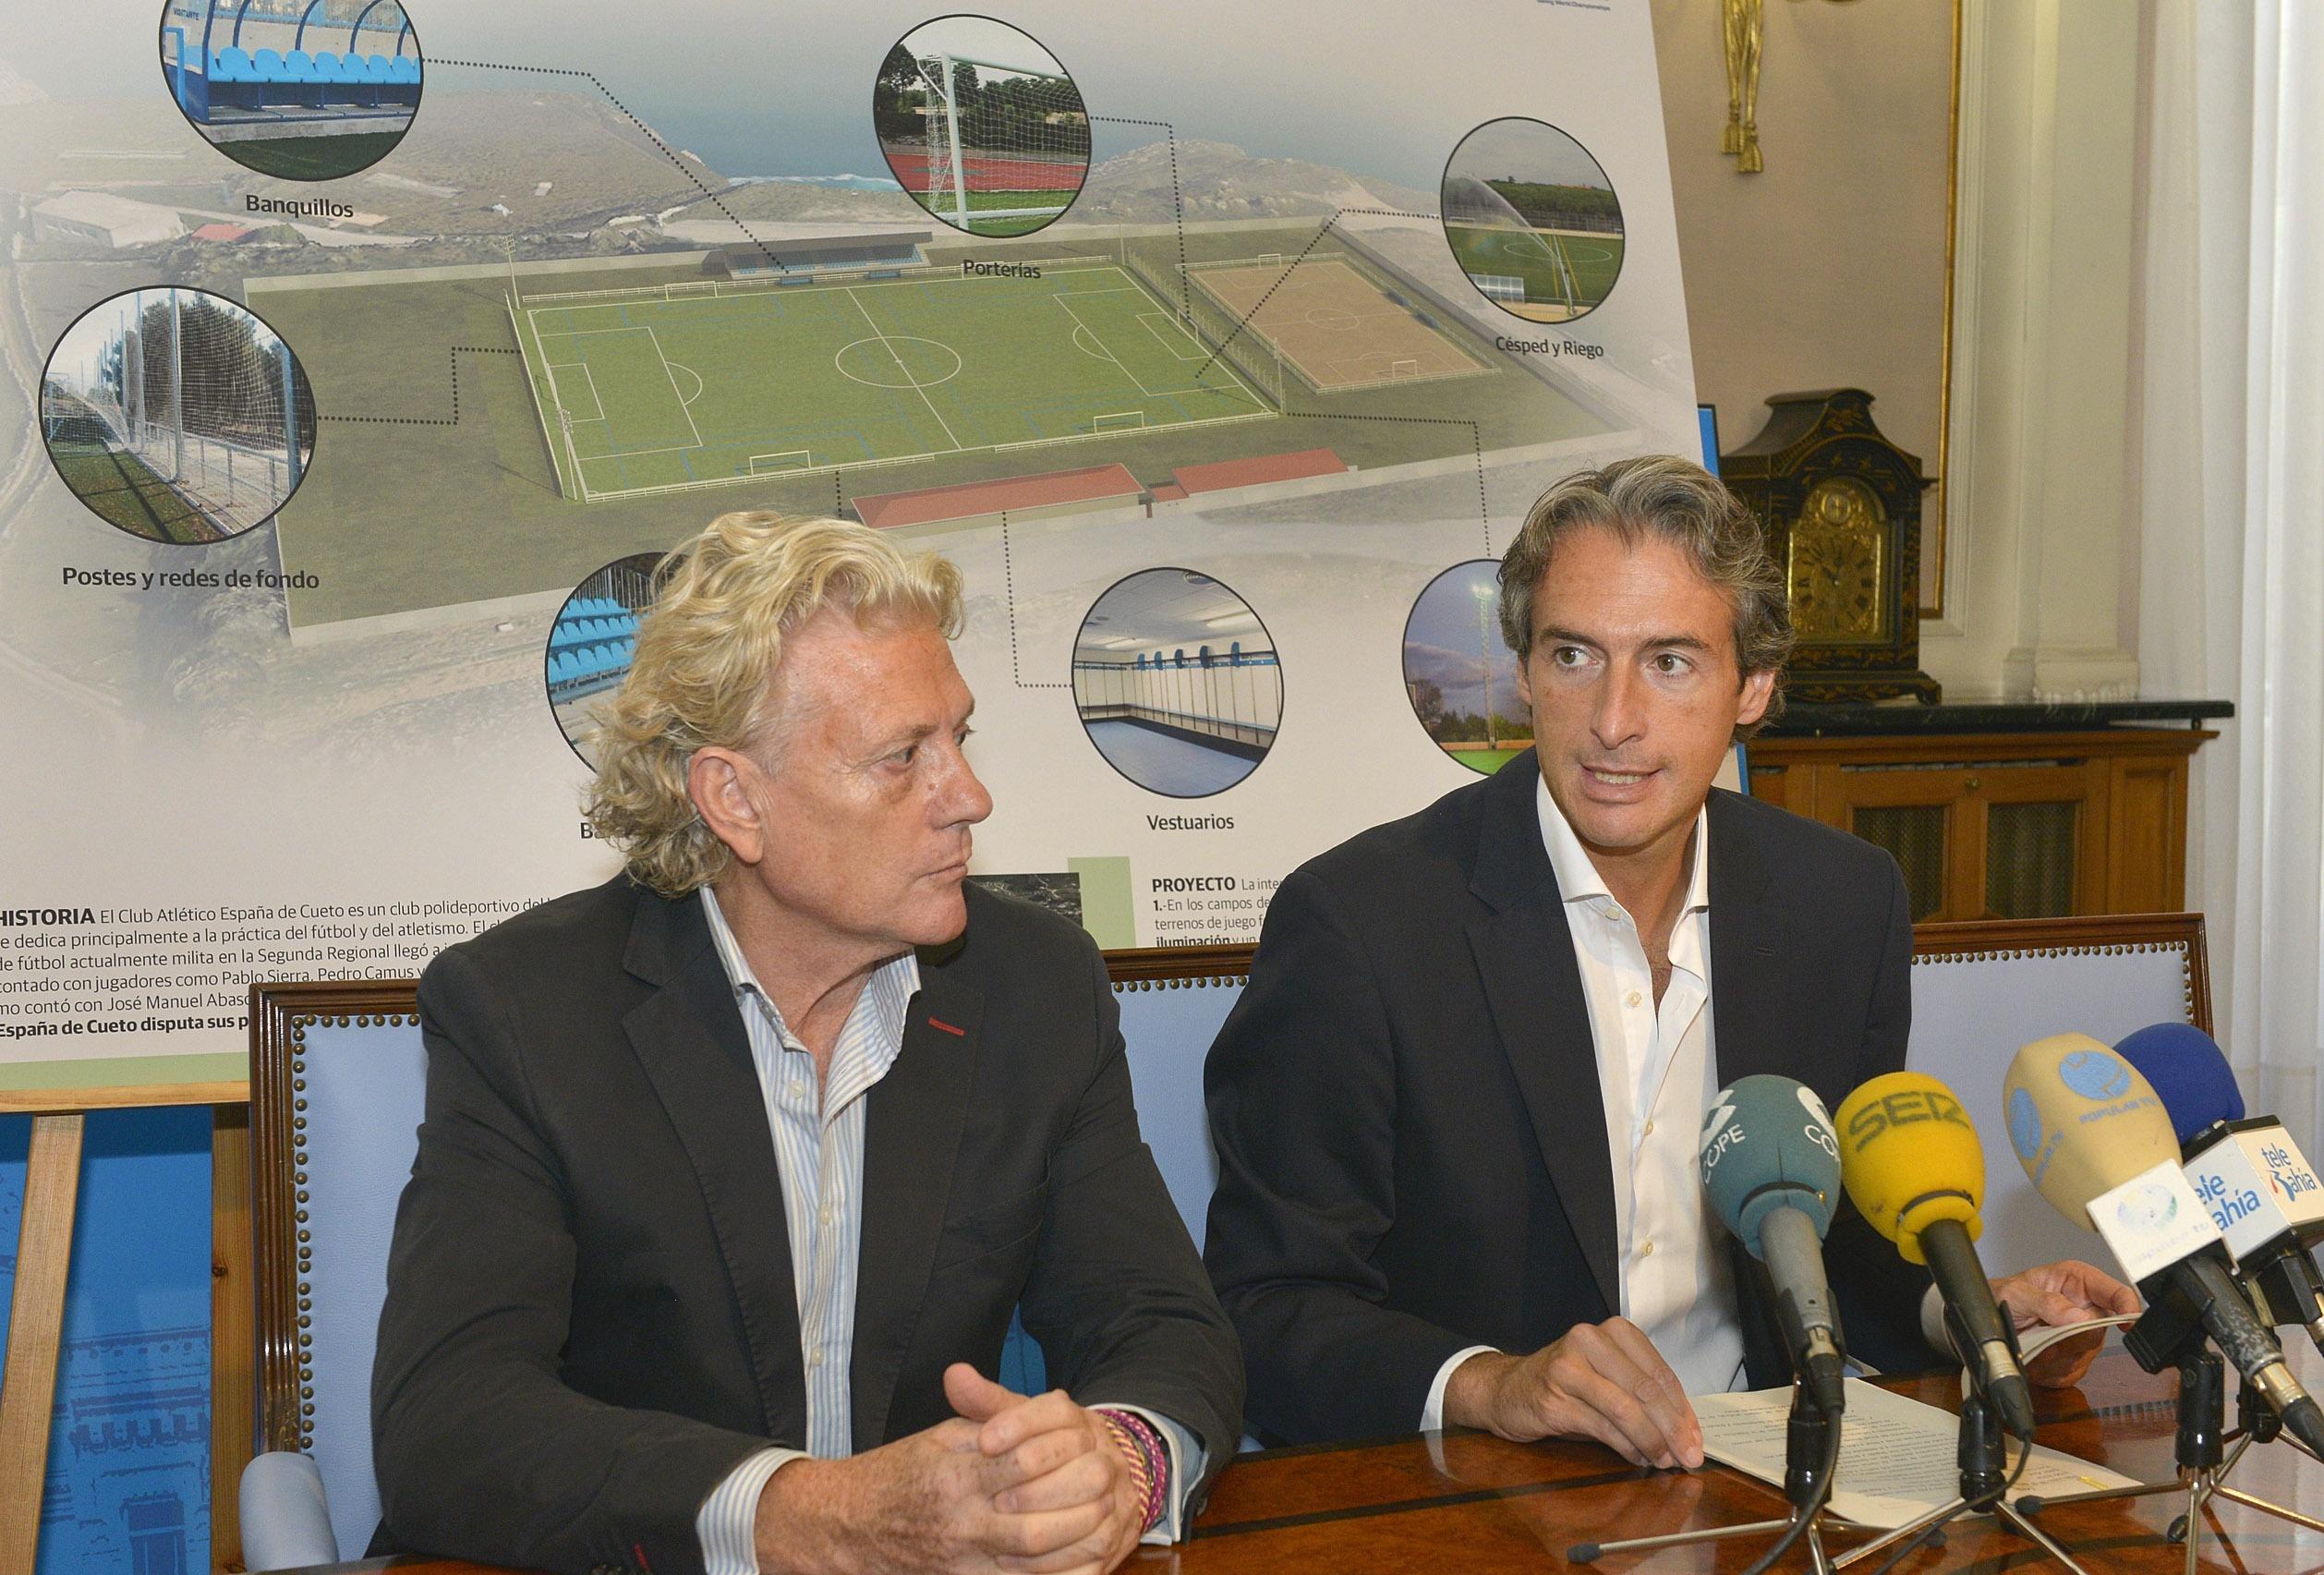 La remodelación del campo de fútbol de Cueto se licitará en septiembre y costará 900.000 euros